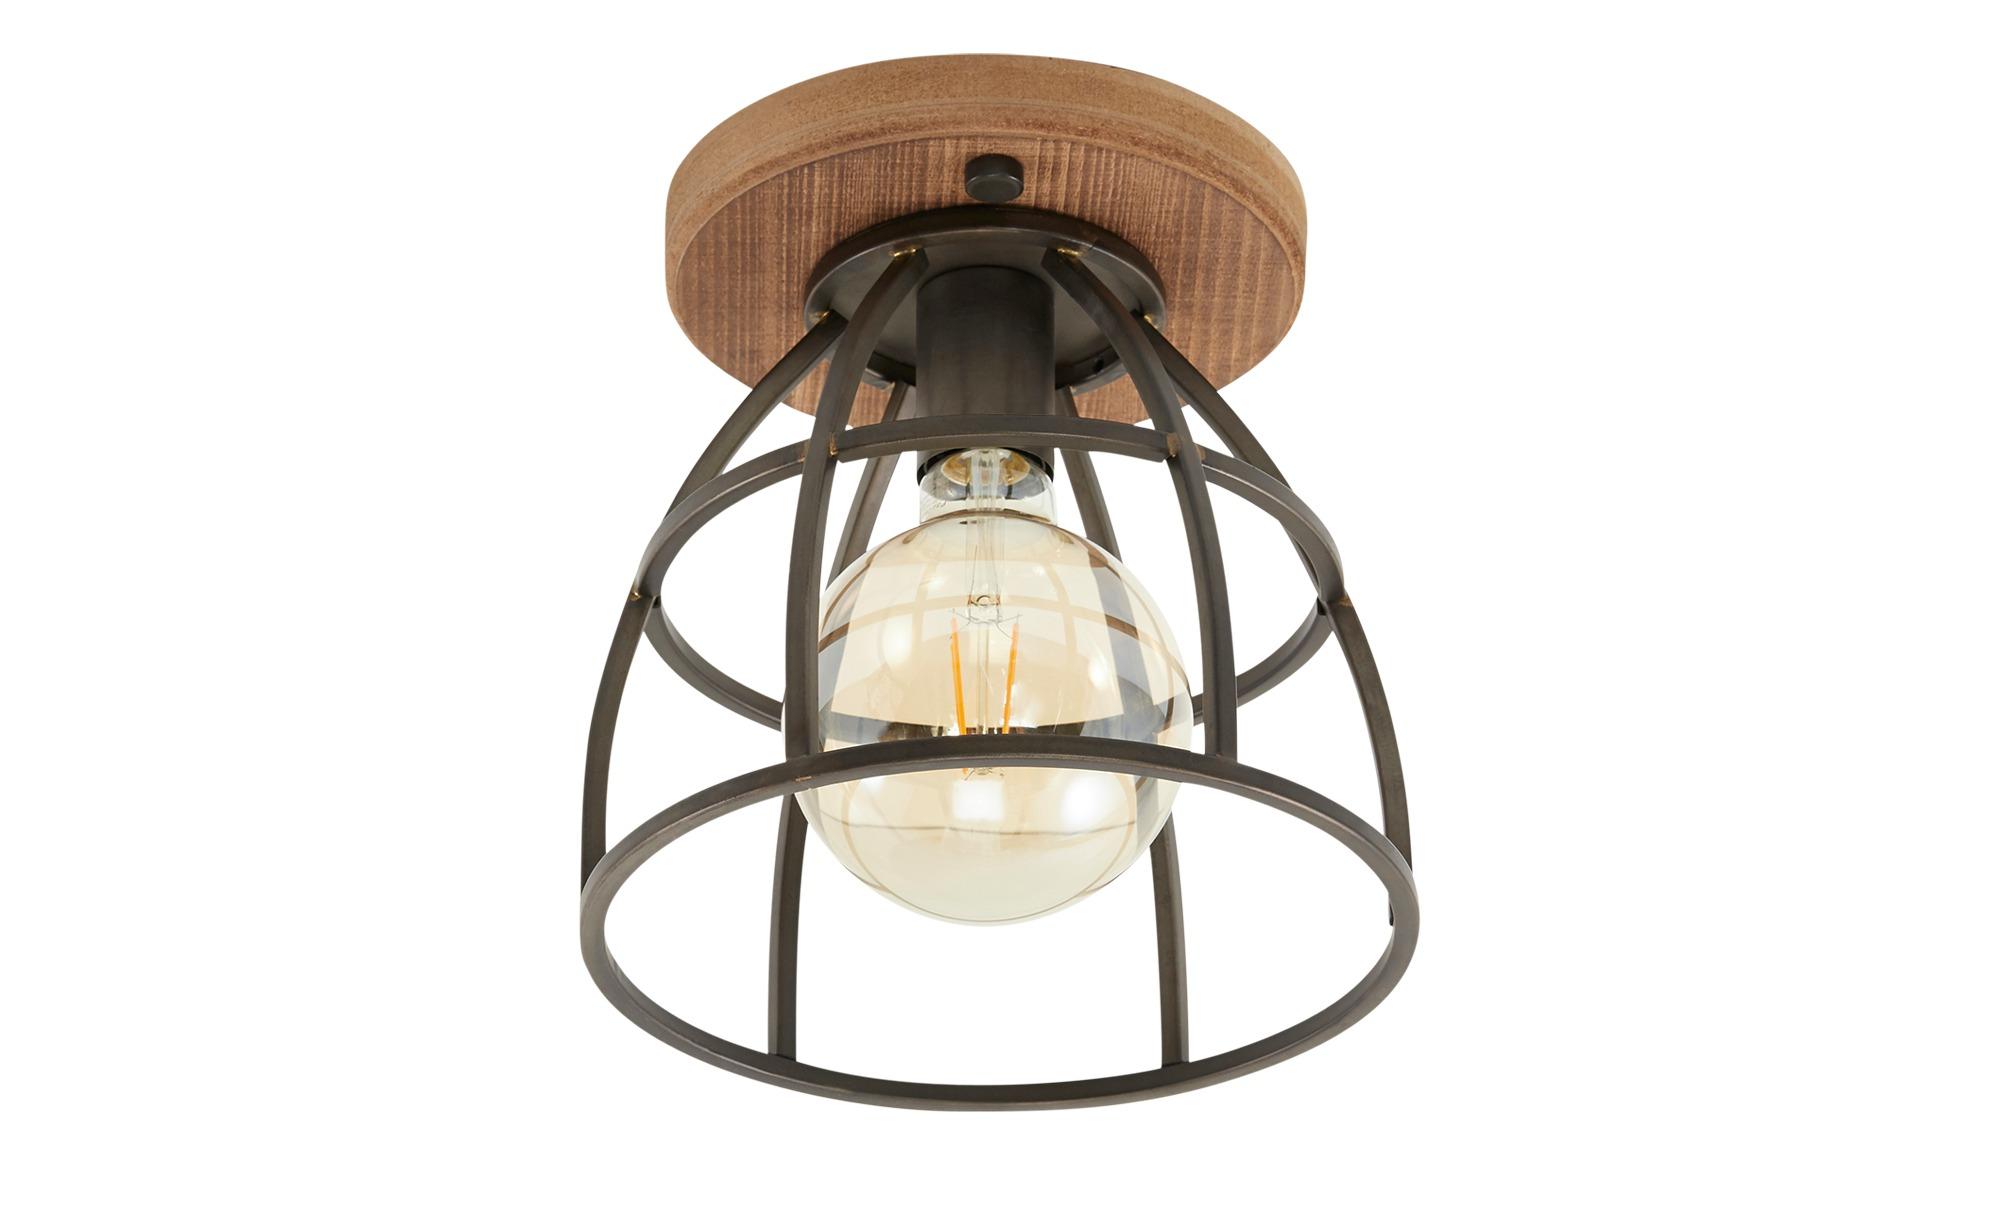 Deckenleuchte, 1-flammig Metall schwarz ¦ schwarz ¦ Maße (cm): H: 25,5 Ø: 25 Lampen & Leuchten > Innenleuchten > Deckenleuchten - Höffner